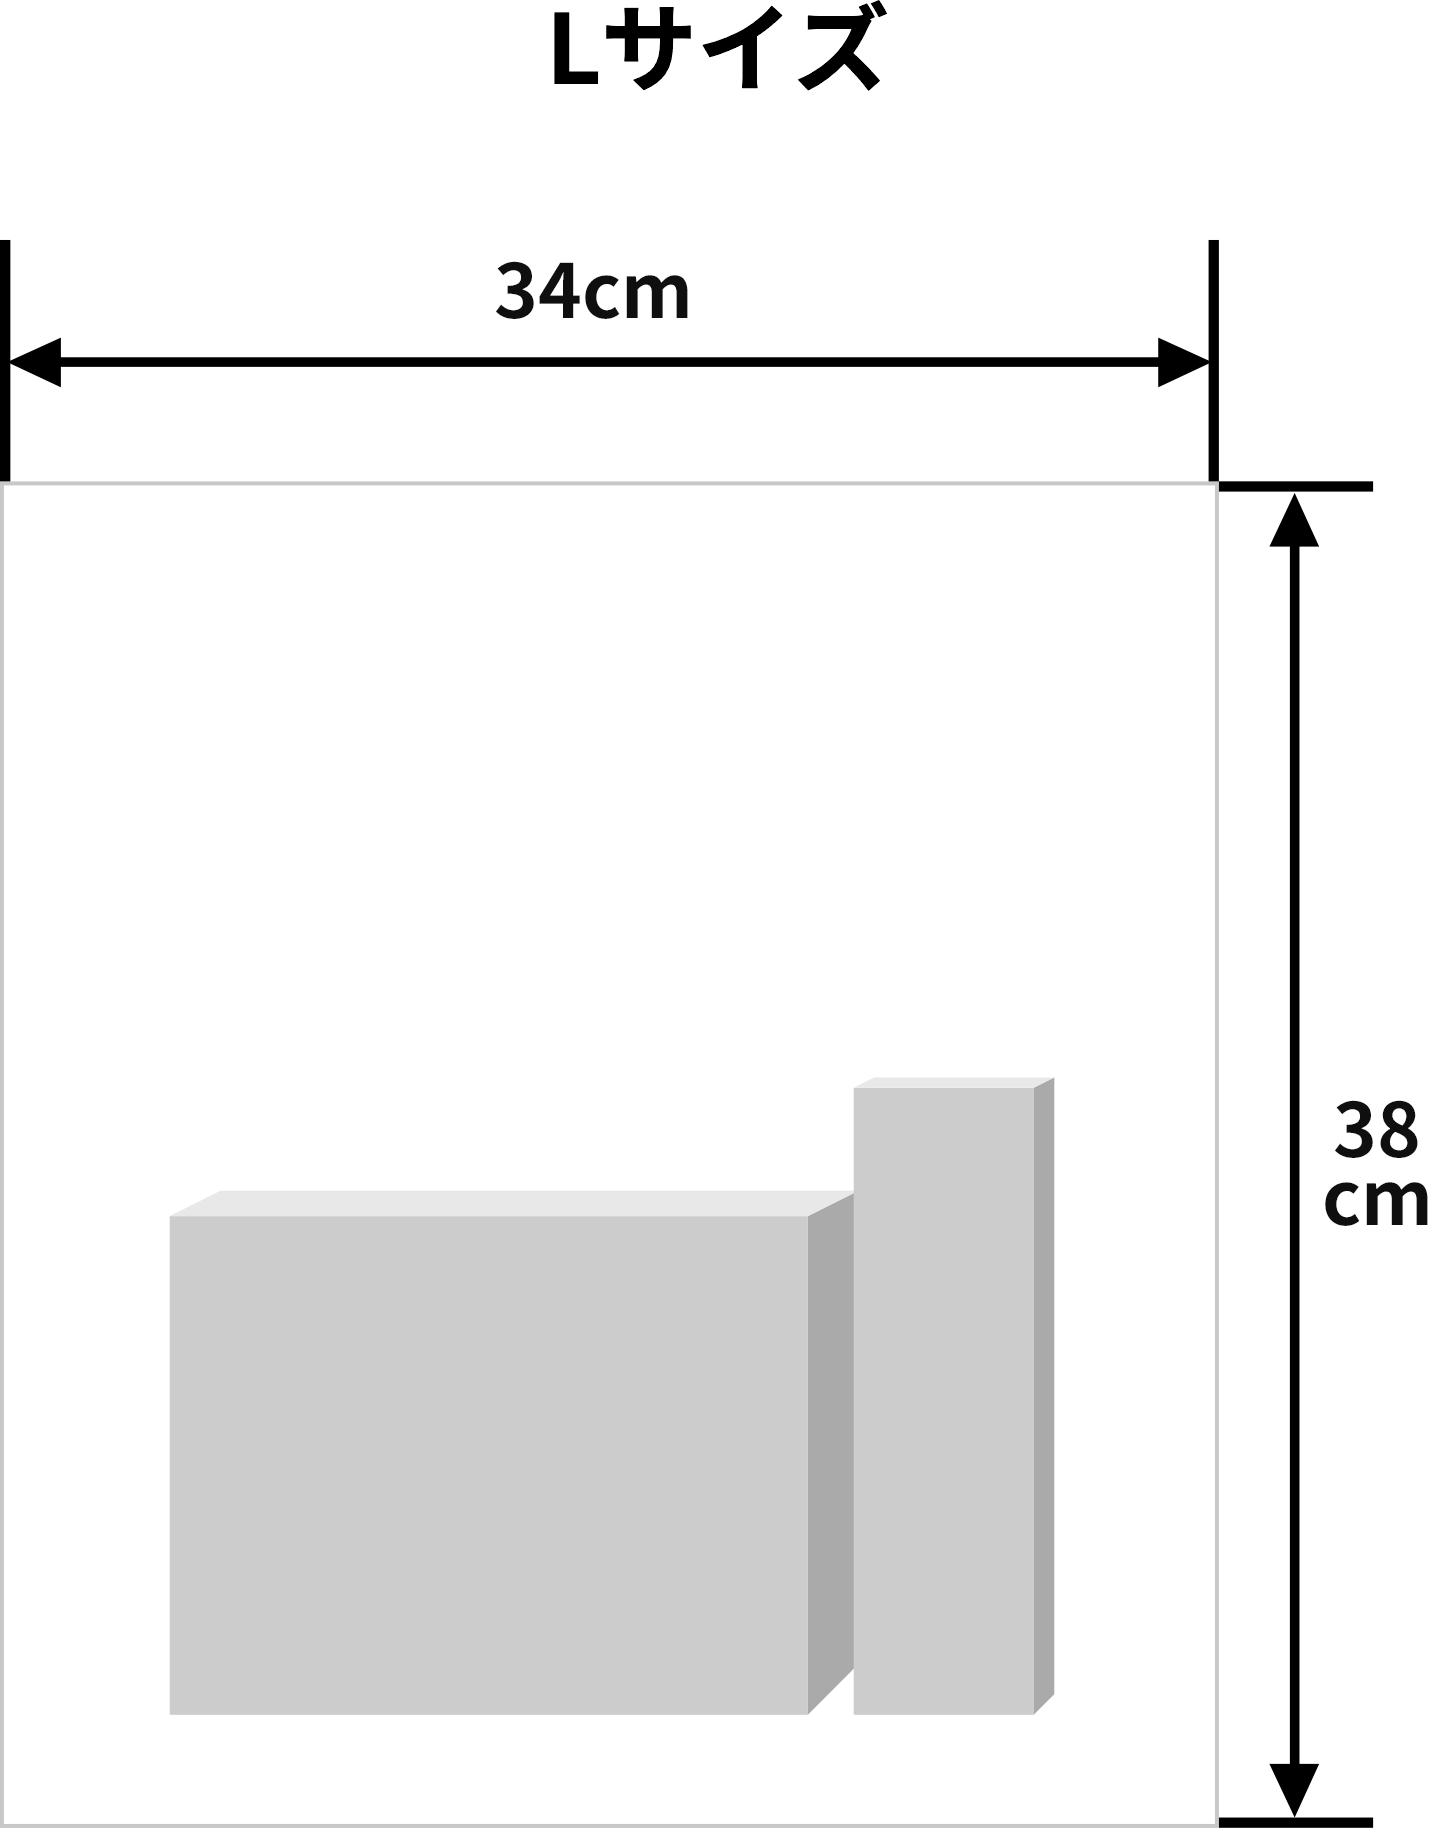 Lサイズ(横幅34cm、高さ38cm)のラッピング例(※イメージです)